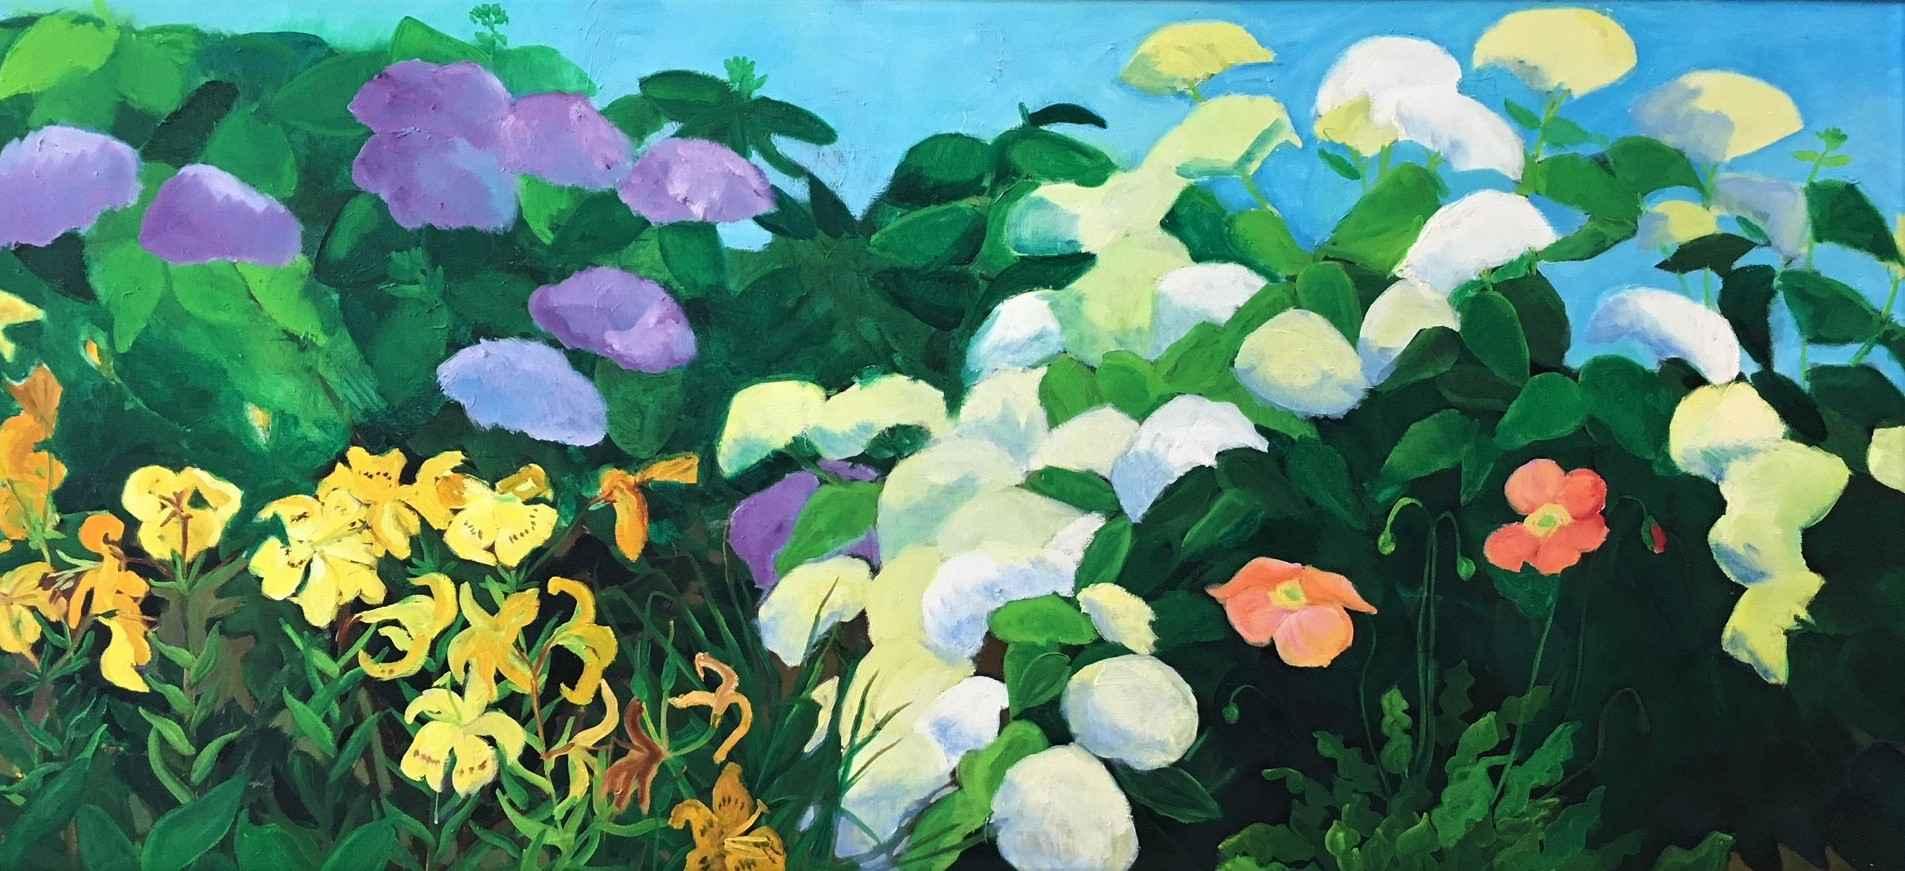 Yellow Lilly Garden by  Shirley Gittelsohn - Masterpiece Online